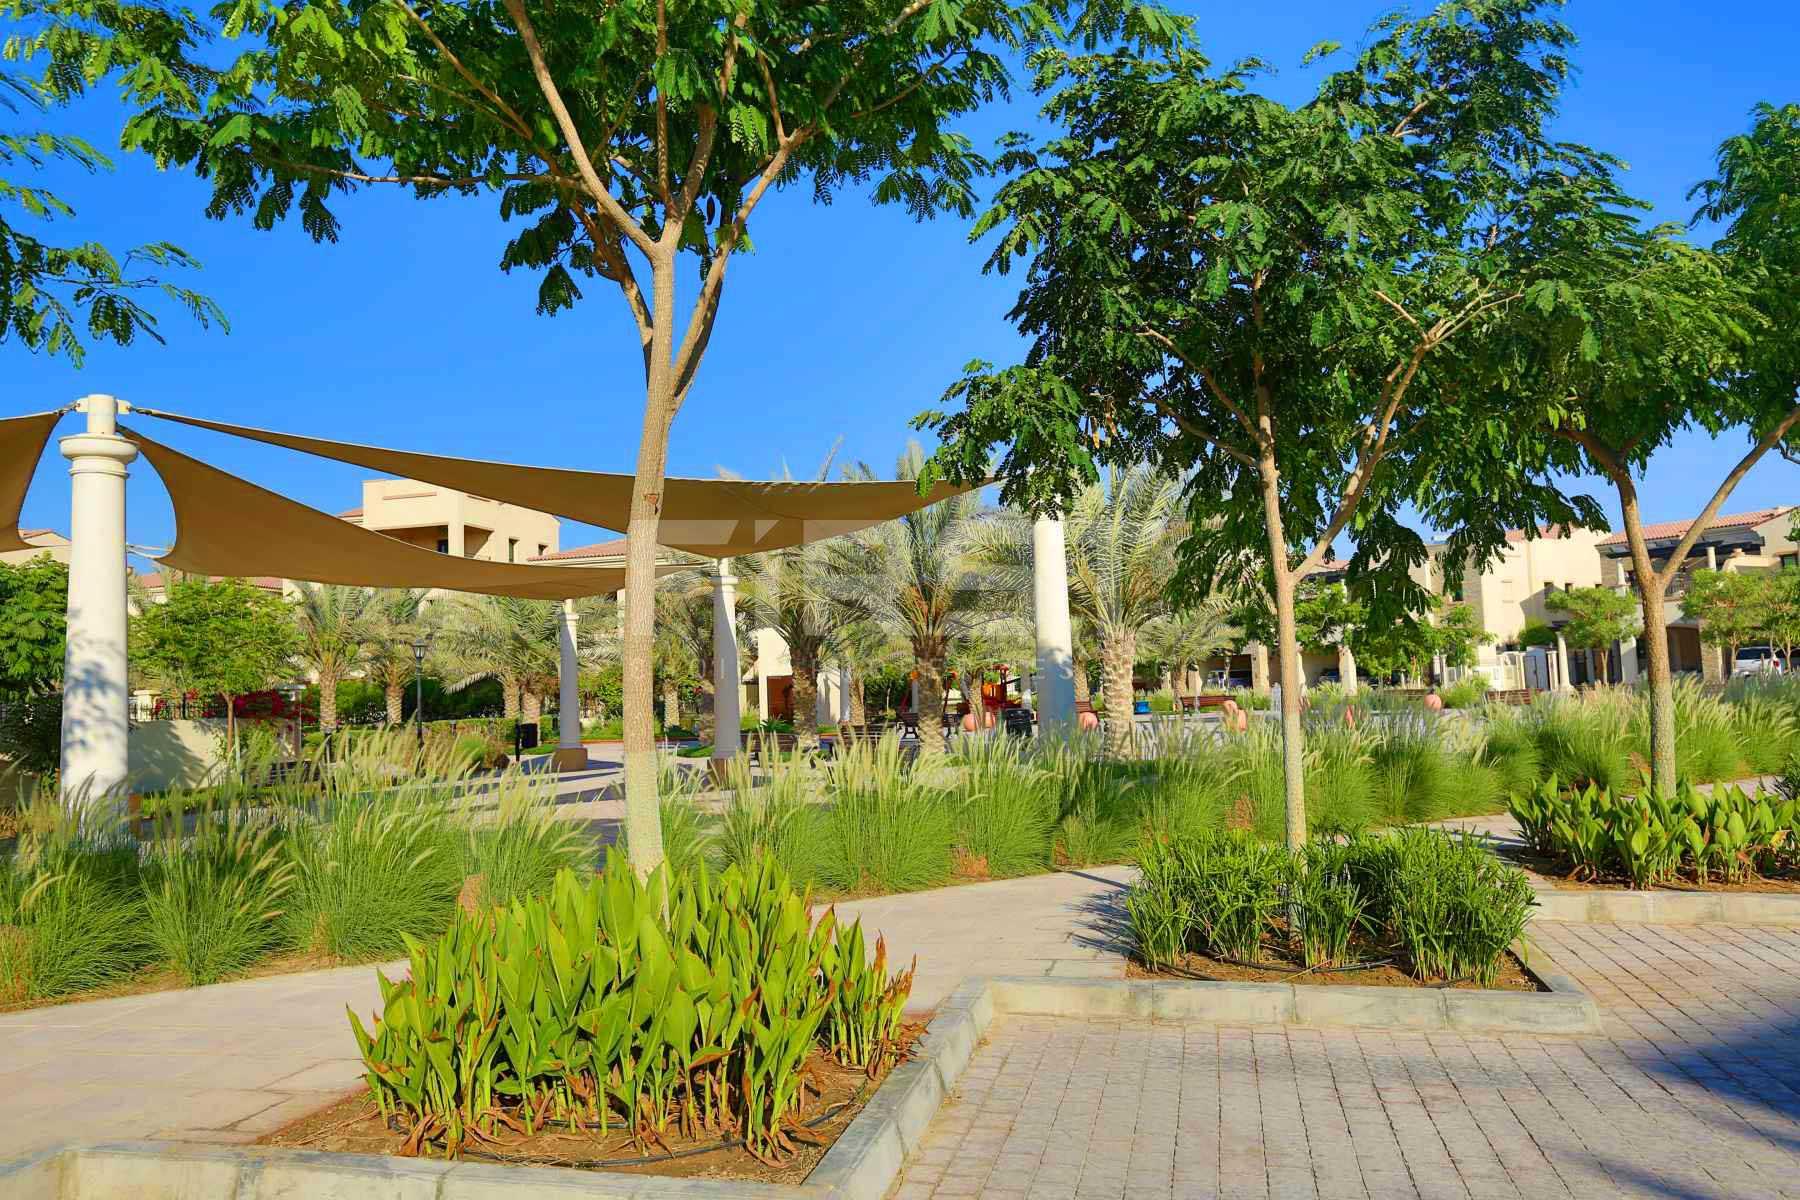 Bloom Gardebs, Al Salam Street - Abu Dhabi, UAE (5).jpg